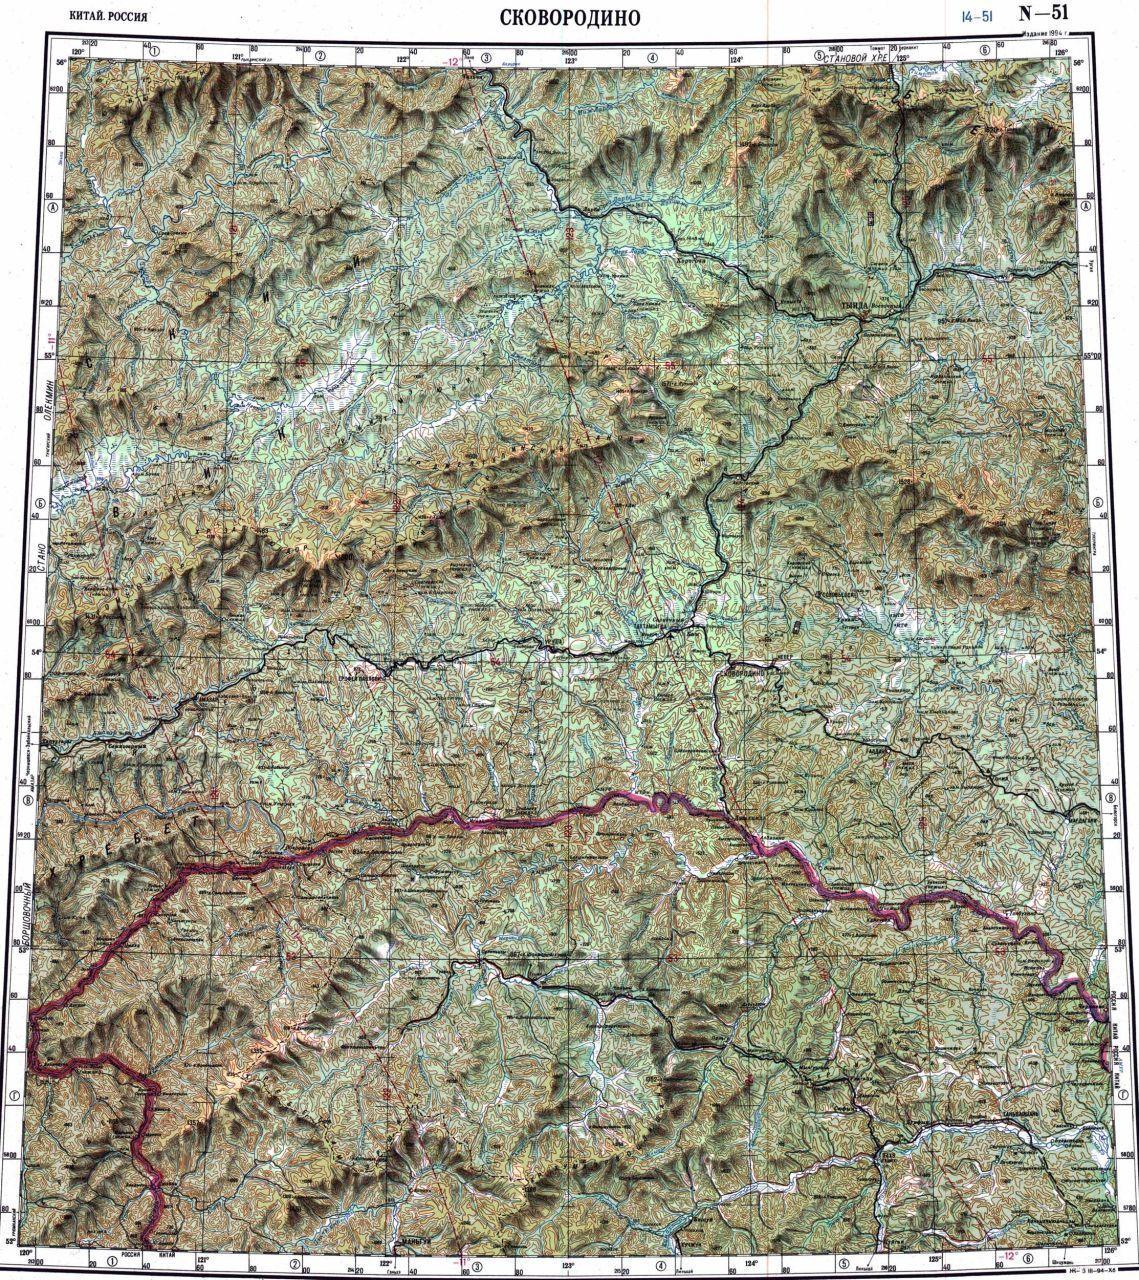 俄罗斯远东地区地图_俄罗斯远东地区;